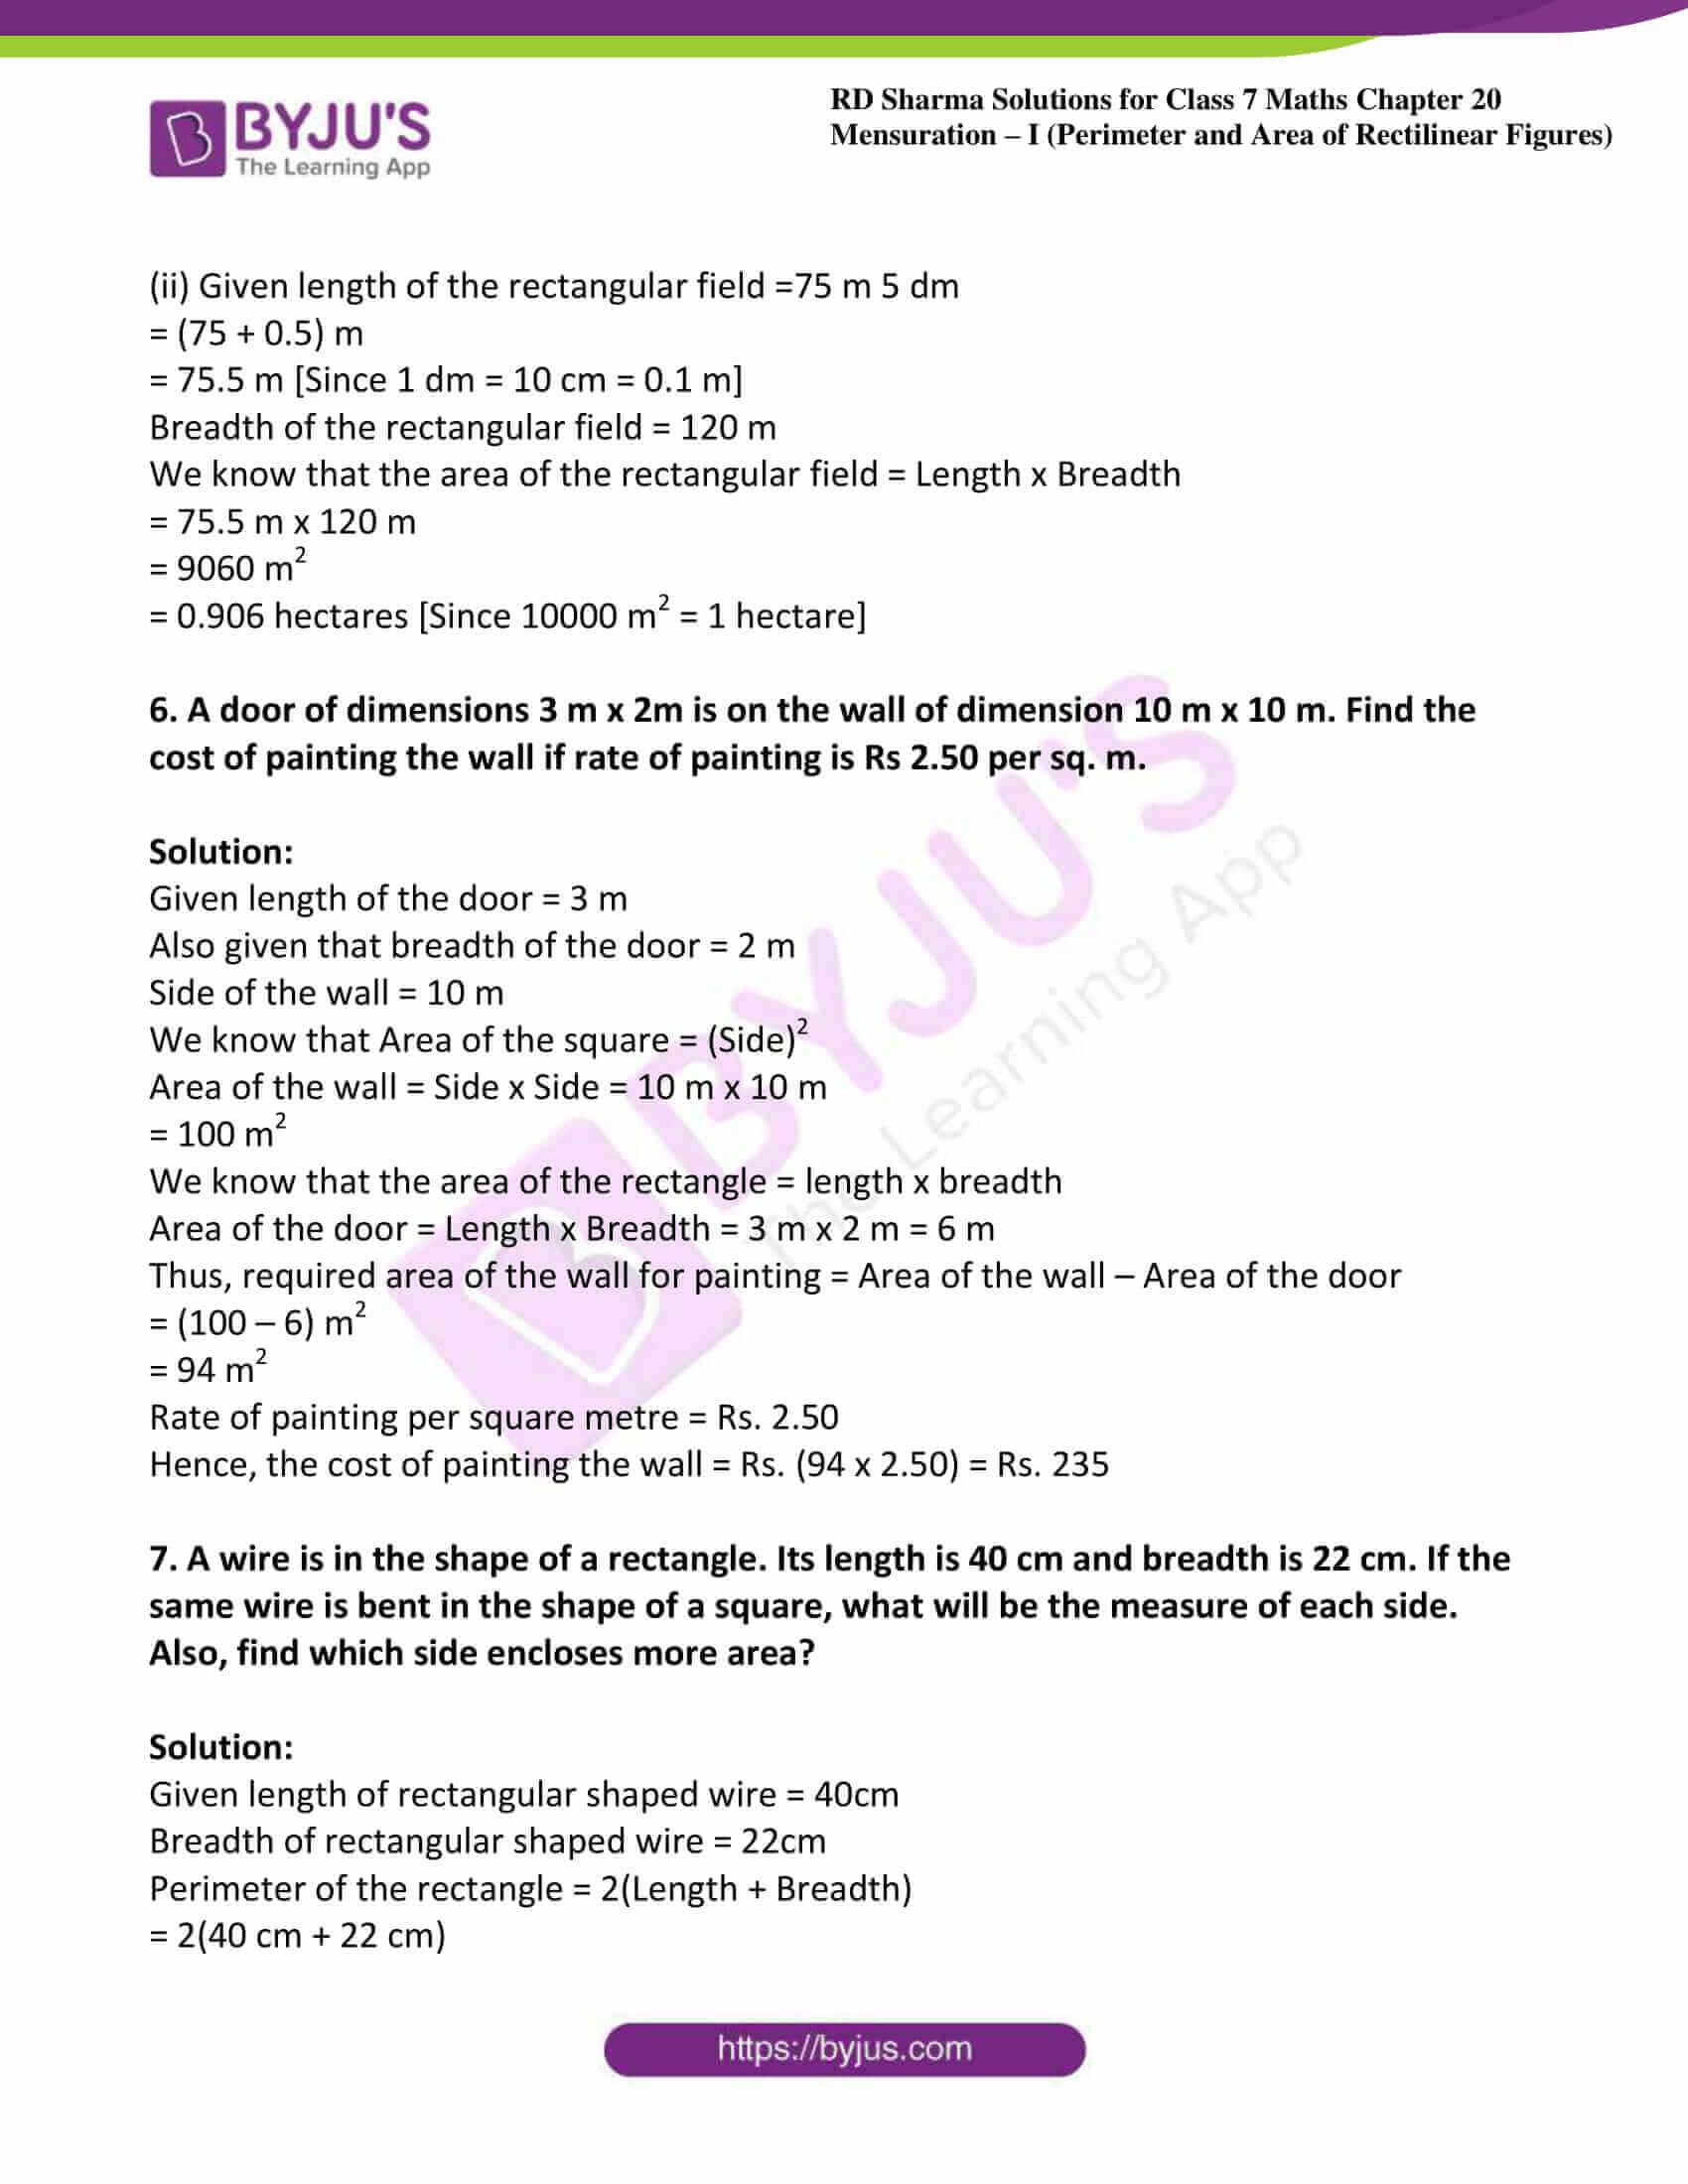 rd sharma maths class7 solution chapter 20 ex 1 03